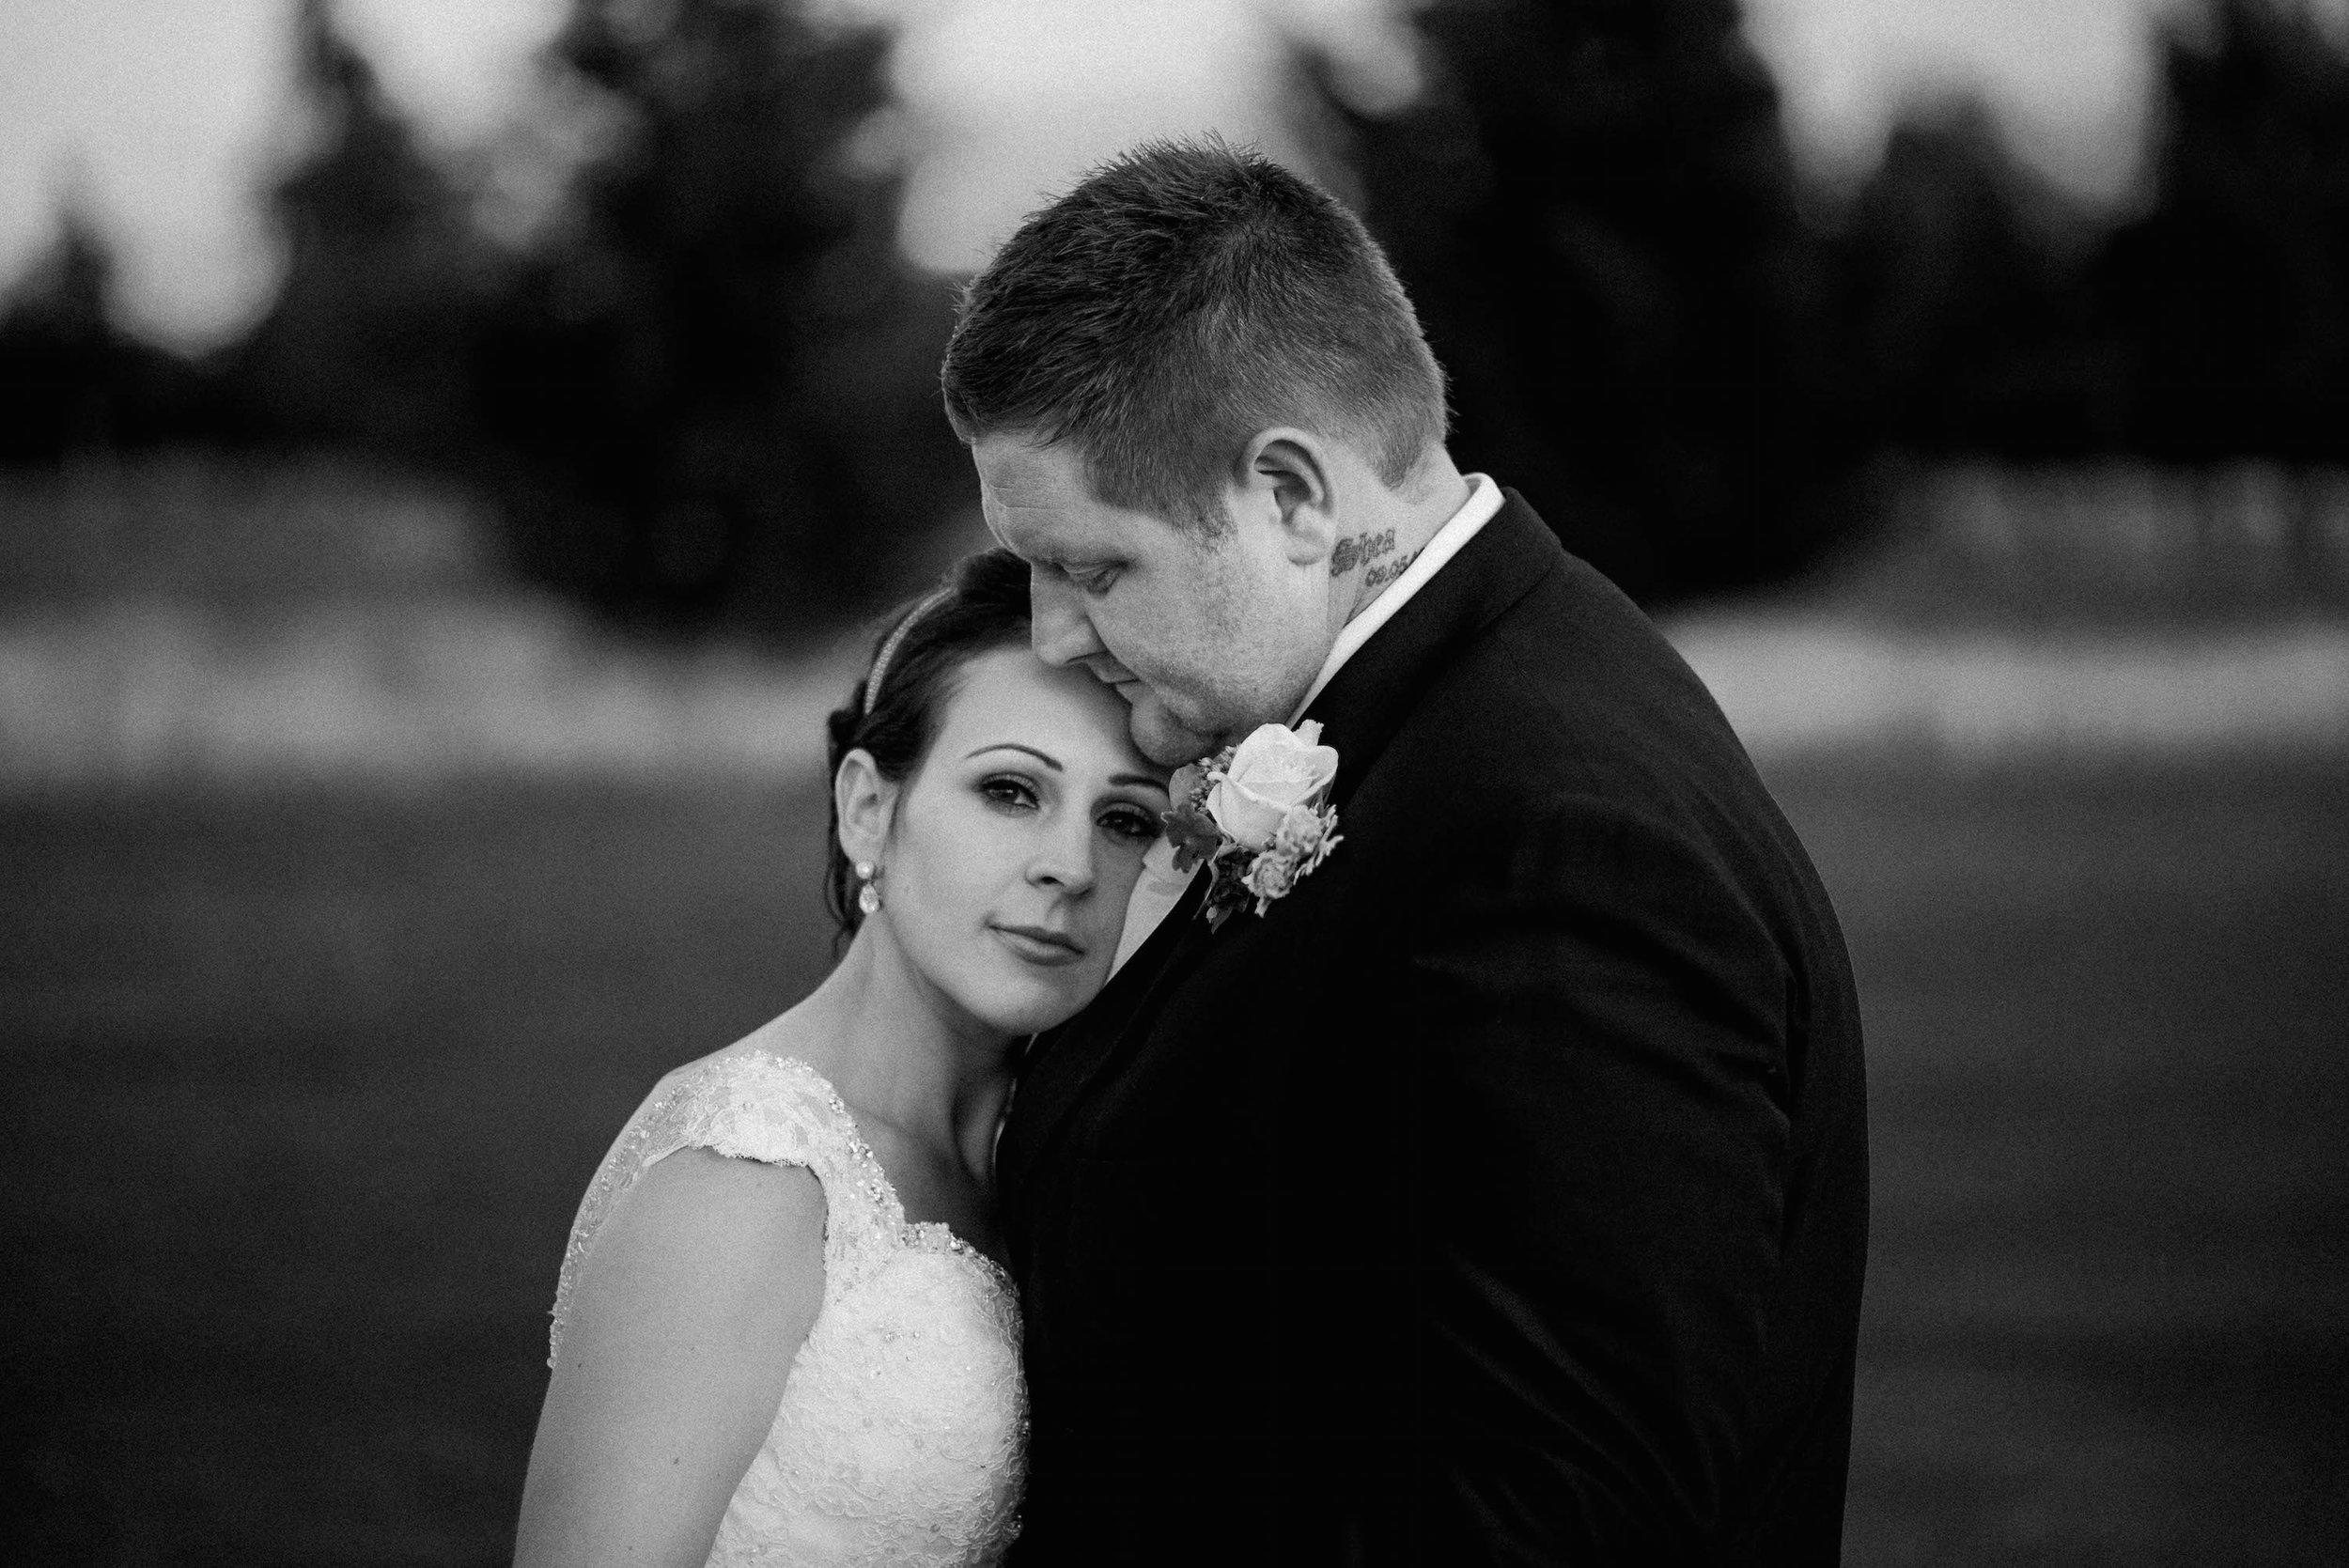 11 Bride Groom Wedding Photography Buckinghamshire.jpg